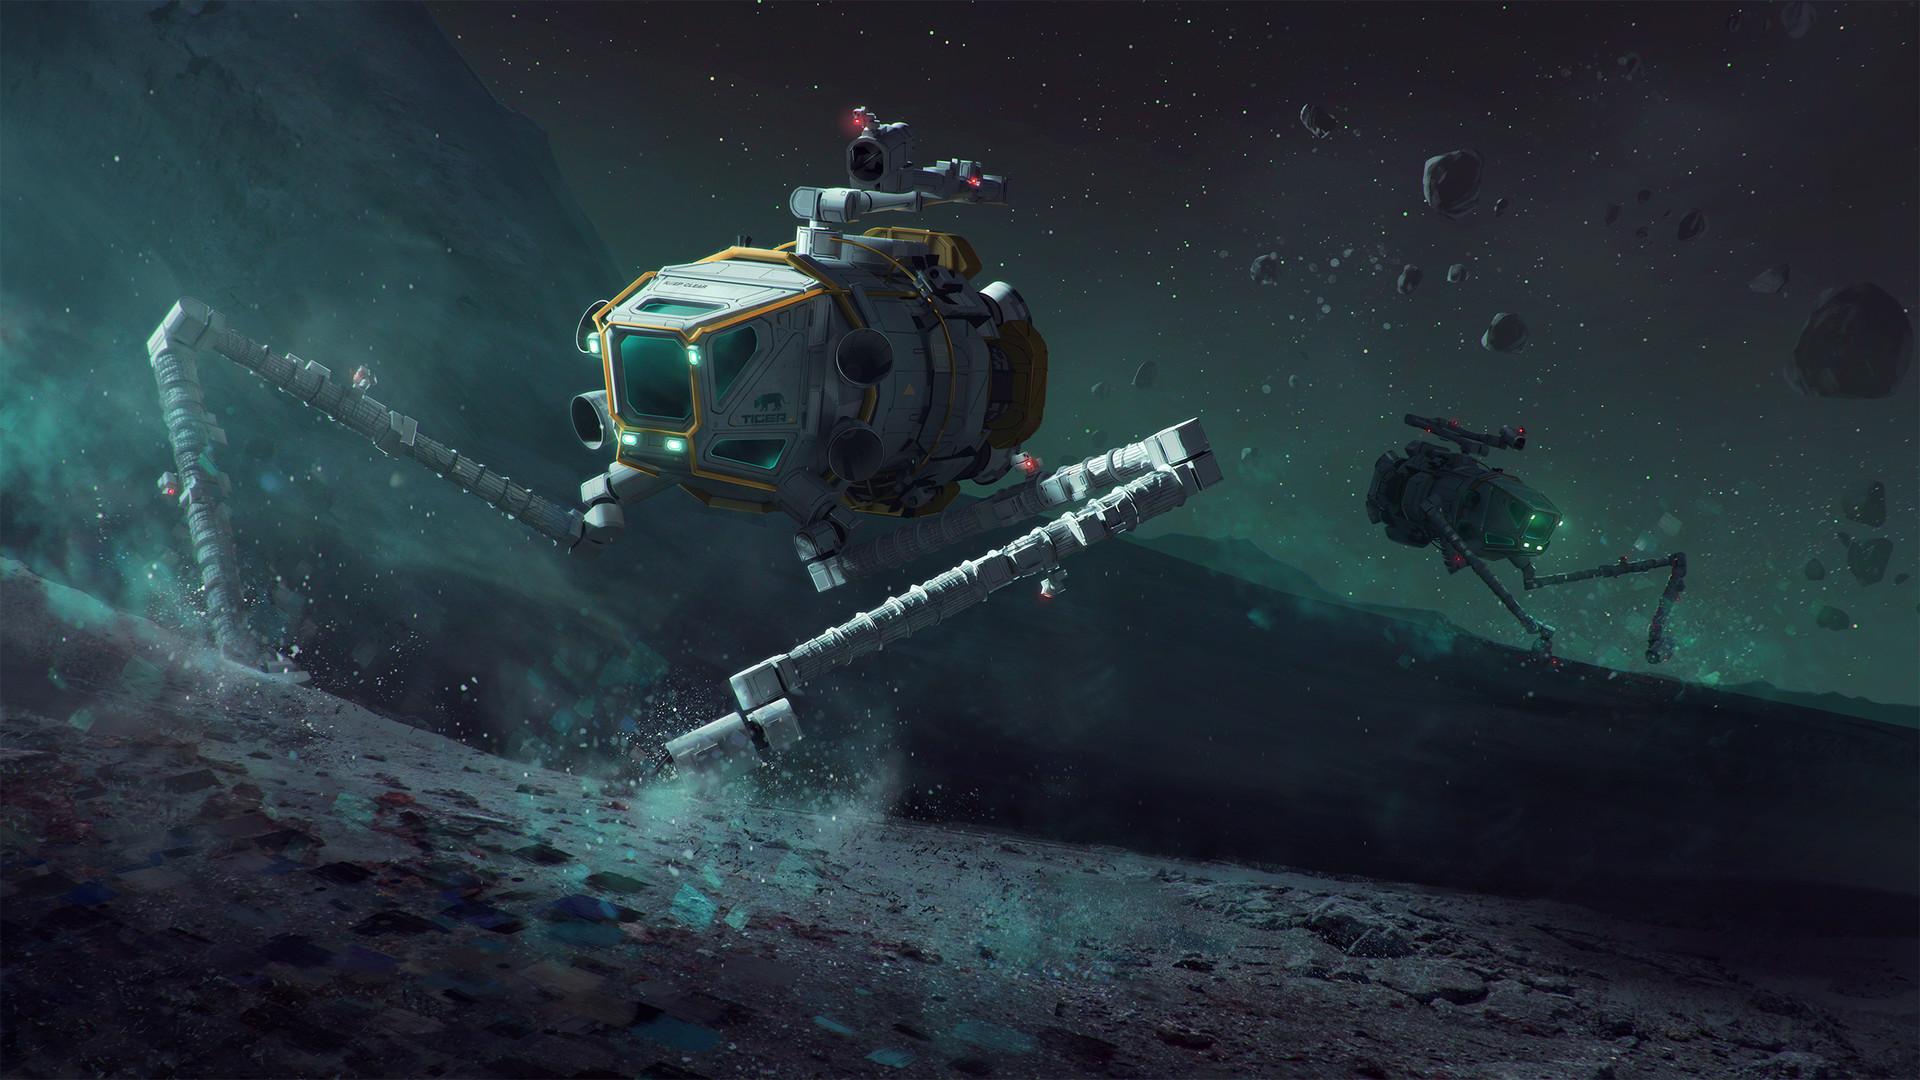 Superb Sci-Fi Space Art by Mac Rebisz